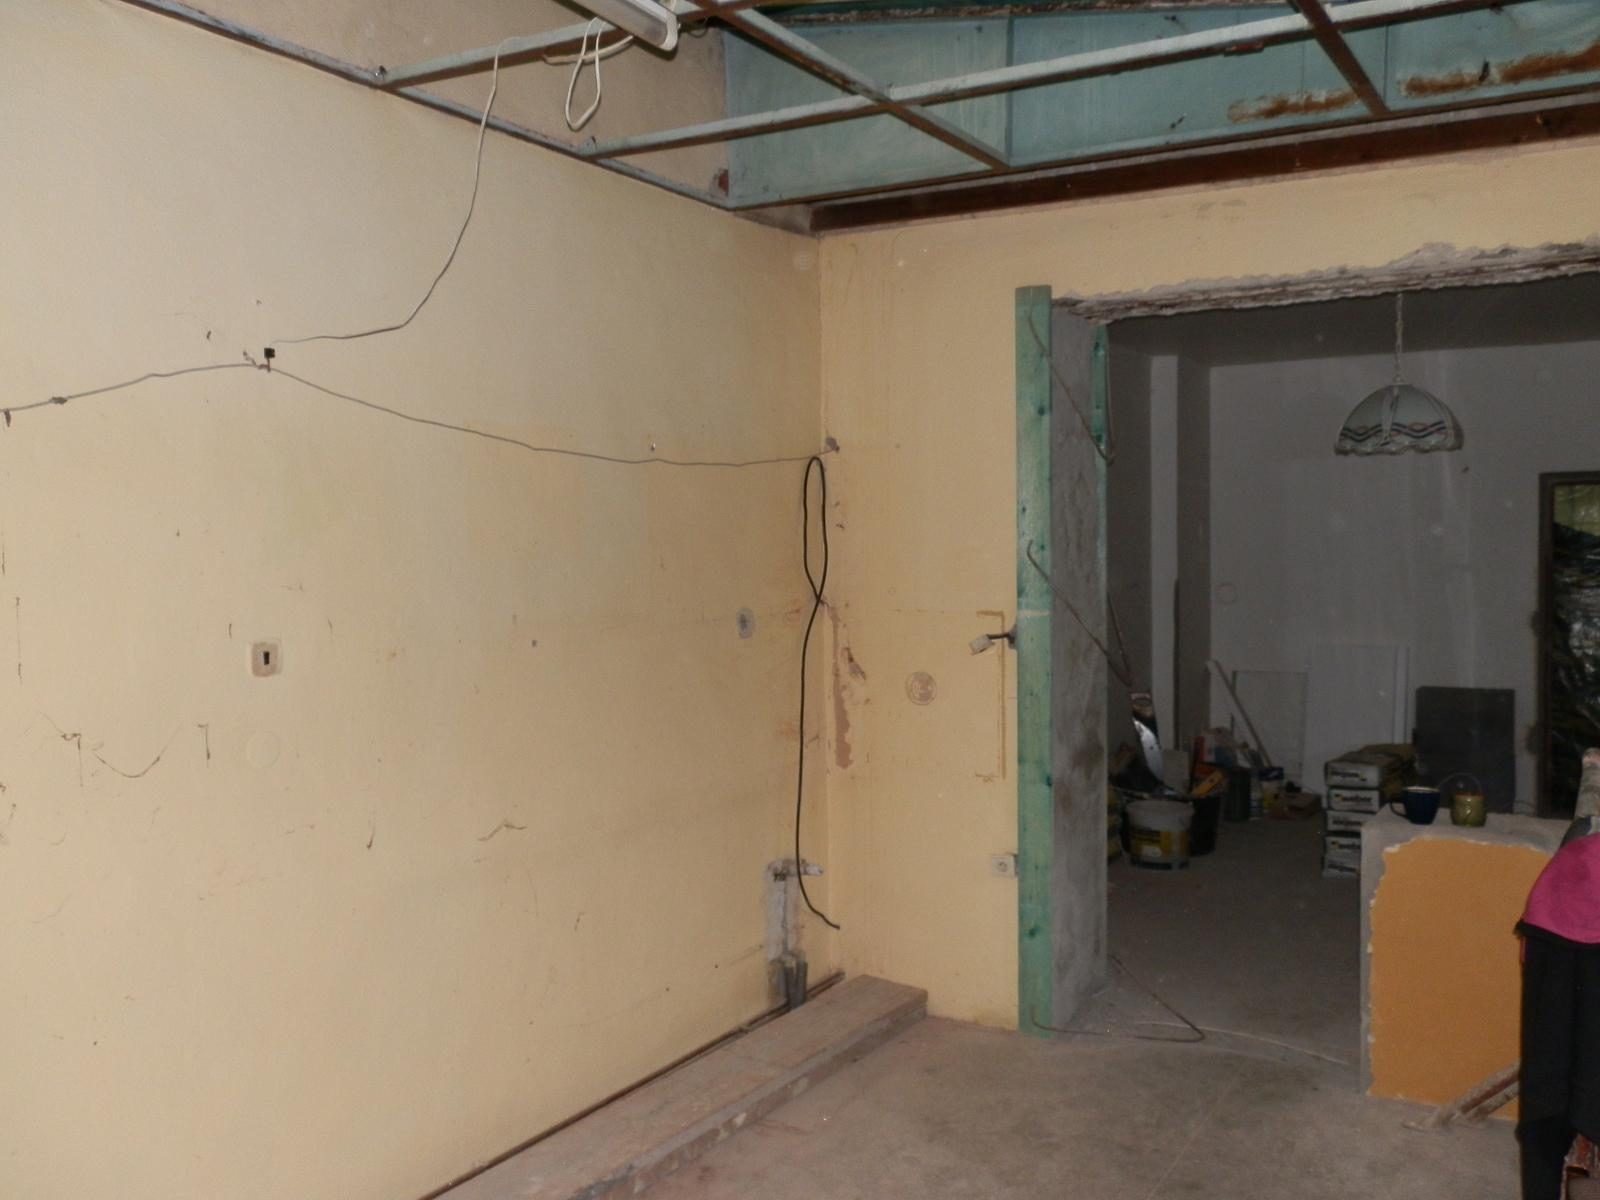 Náš byt v domě- rekonstrukce - Obrázek č. 67